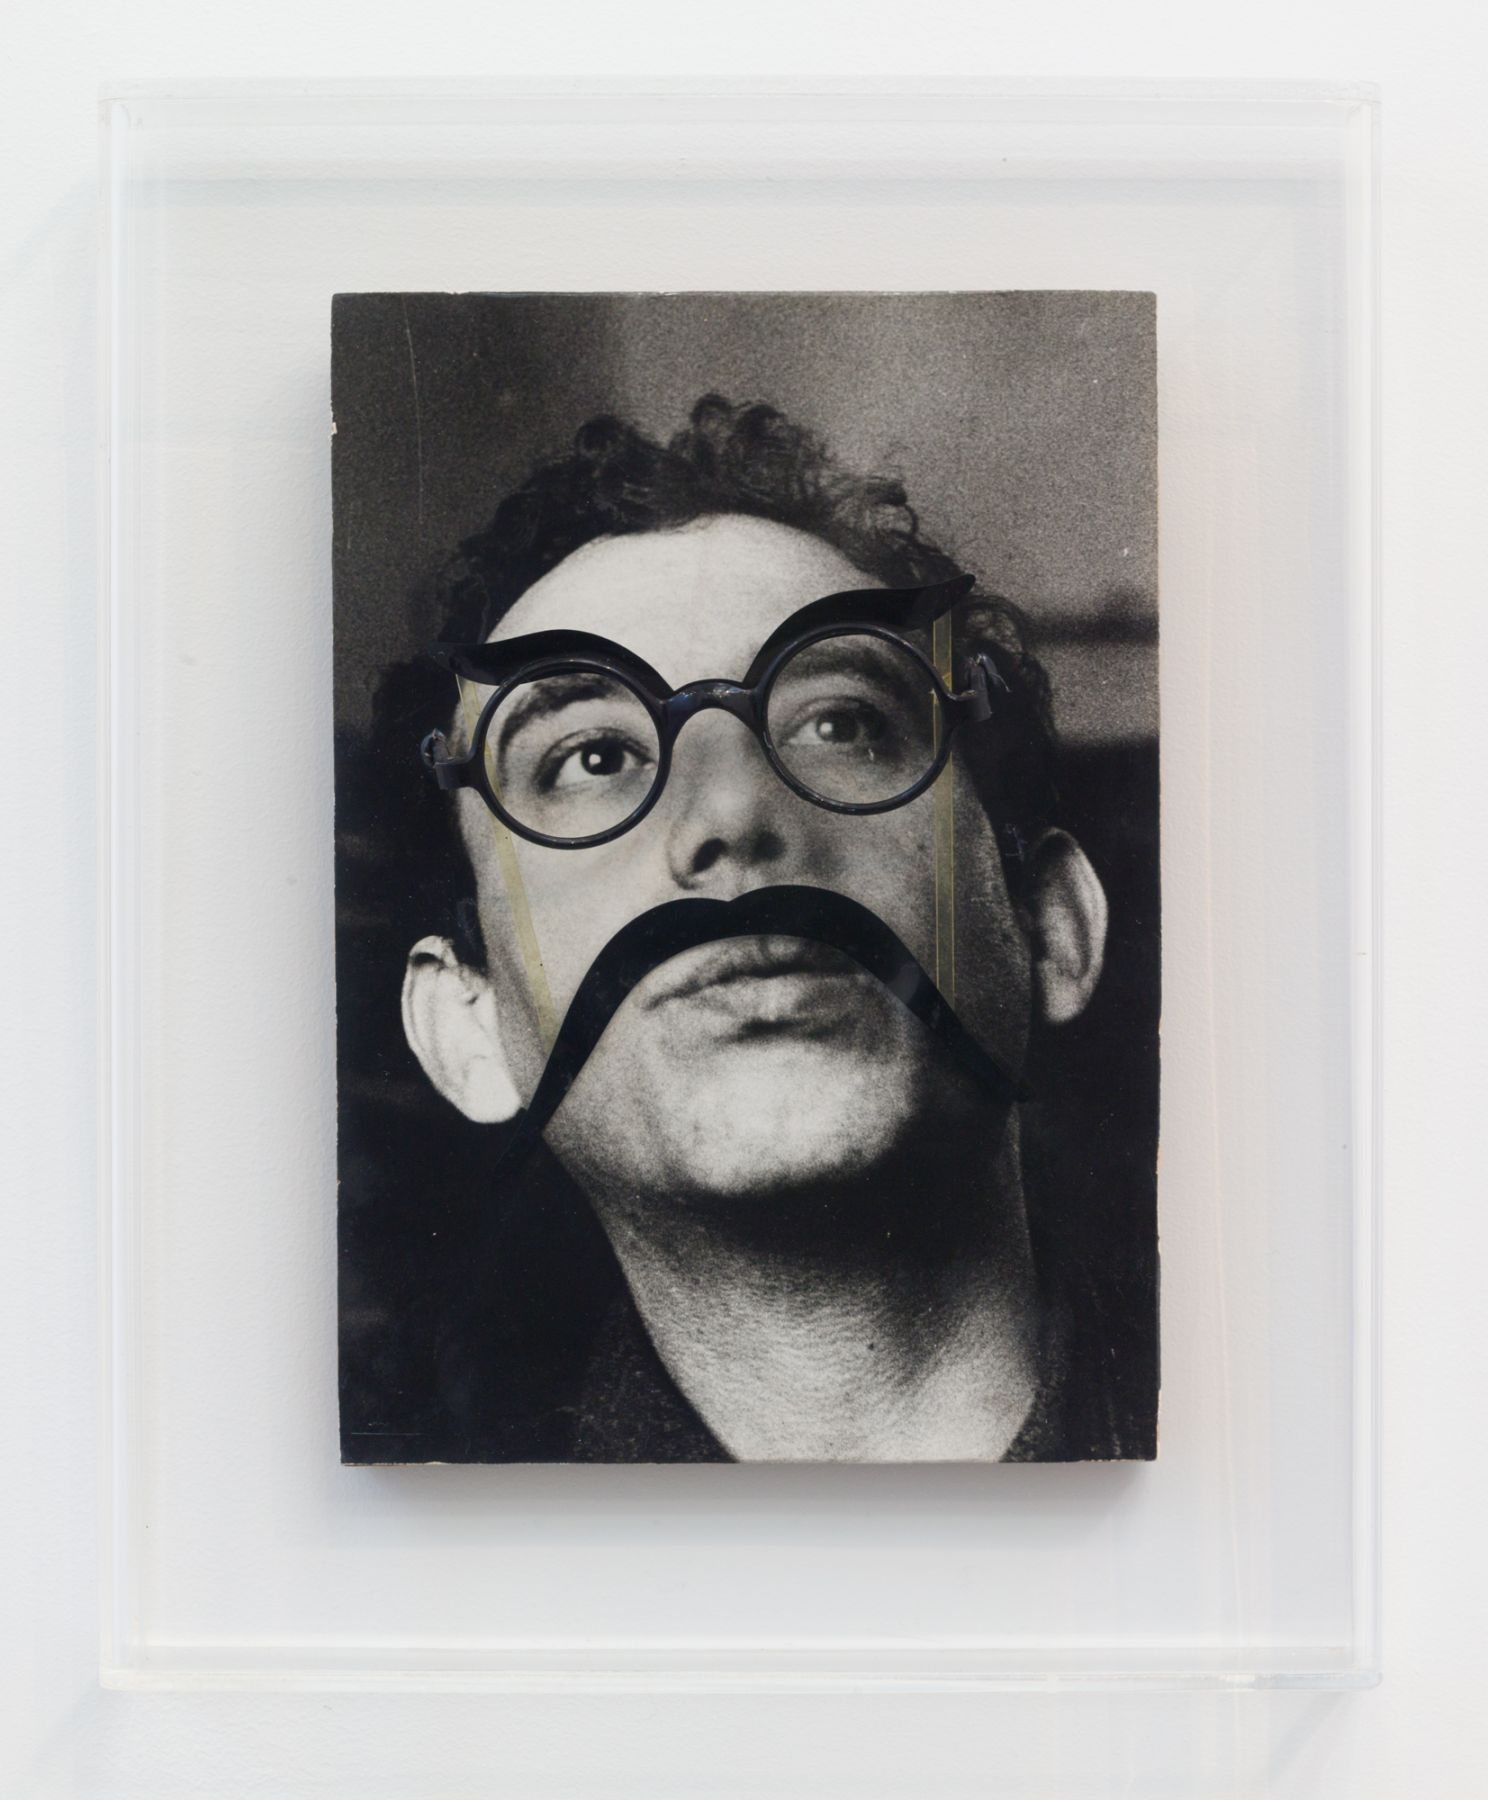 Daniel Spoerri, Autoportrait aux lunettes